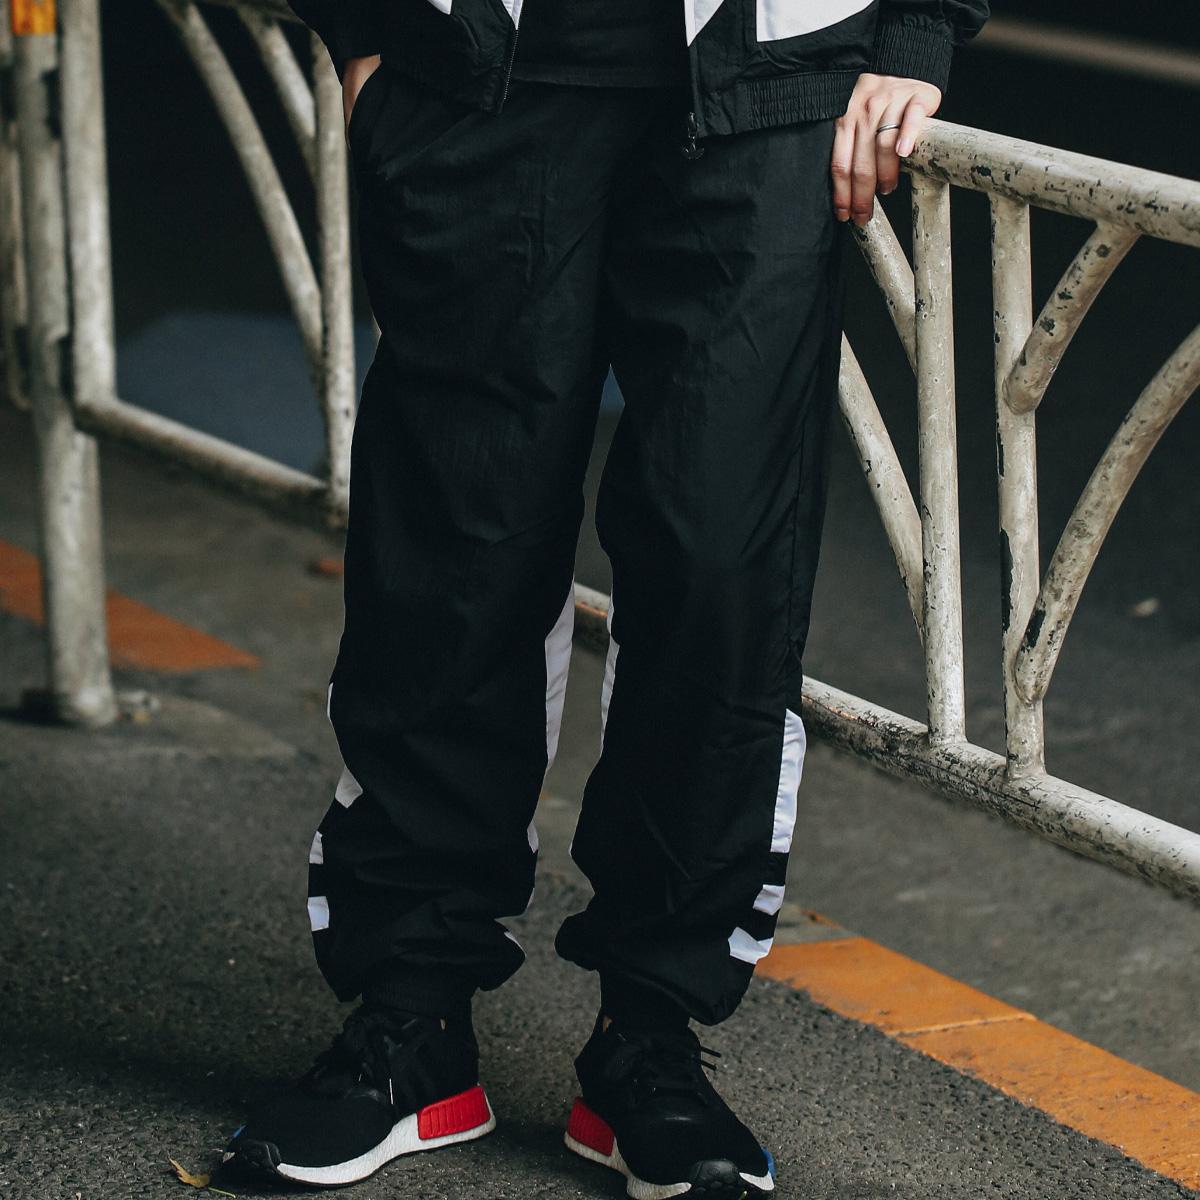 adidas BIG TREFOIL TRACK PANTS MEN(アディダス ビッグ トレフォイル トラックパンツ)BLACK【メンズ ロングパンツ】20SS-I